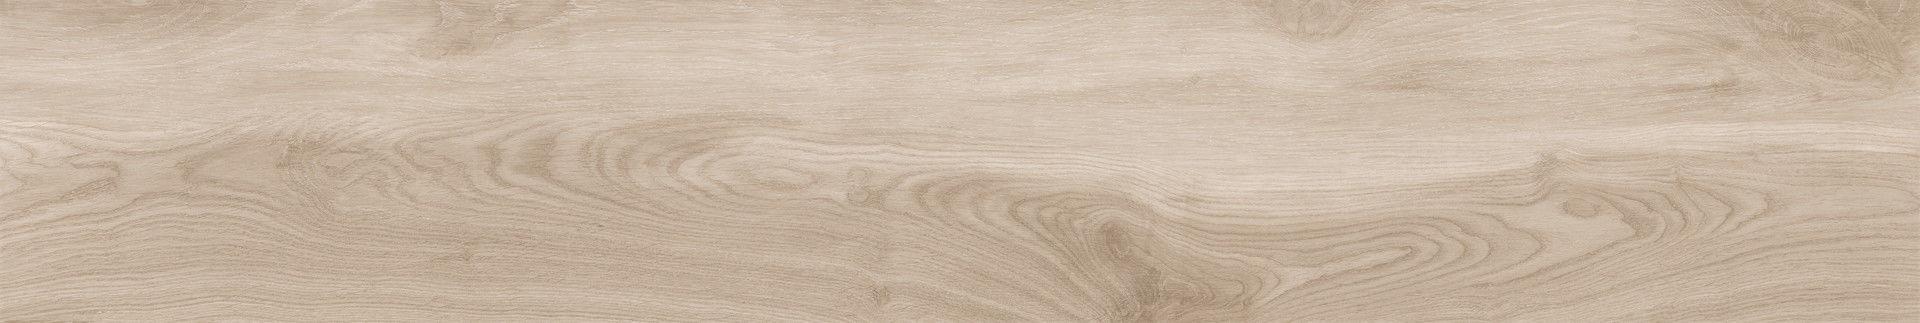 Origin Sand 20x120 płytka drewnopodobna